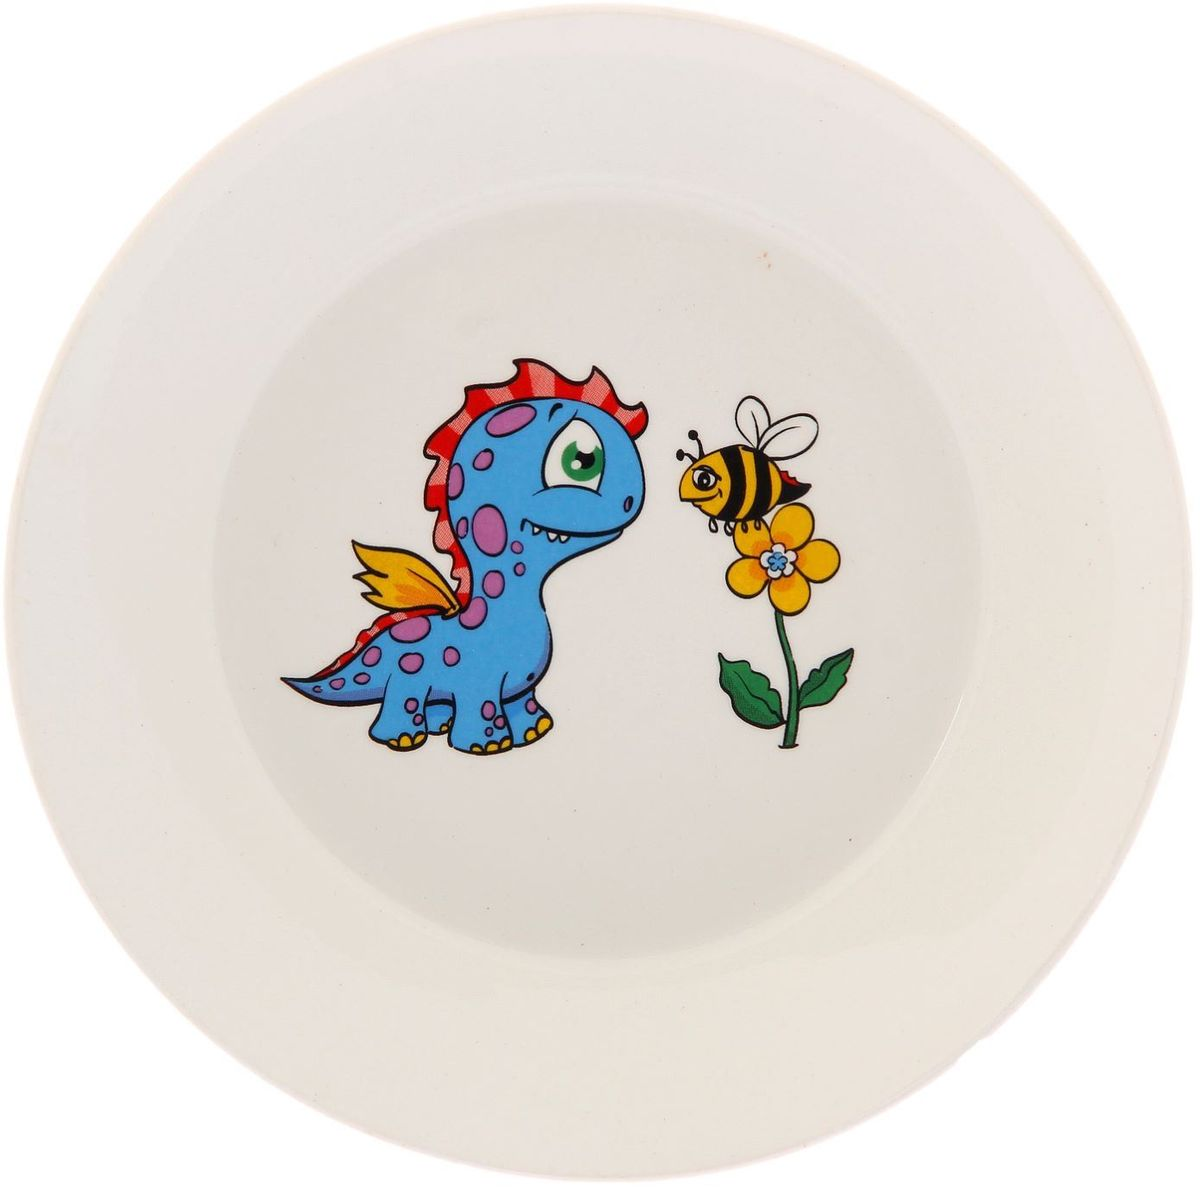 Кубаньфарфор Блюдце Динозаврики2220071Фаянсовая детская посуда с забавным рисунком понравится каждому малышу. Изделие из качественного материала станет правильным выбором для повседневной эксплуатации и поможет превратить каждый прием пищи в радостное приключение.Особенности:- простота мойки,- стойкость к запахам,- насыщенный цвет.